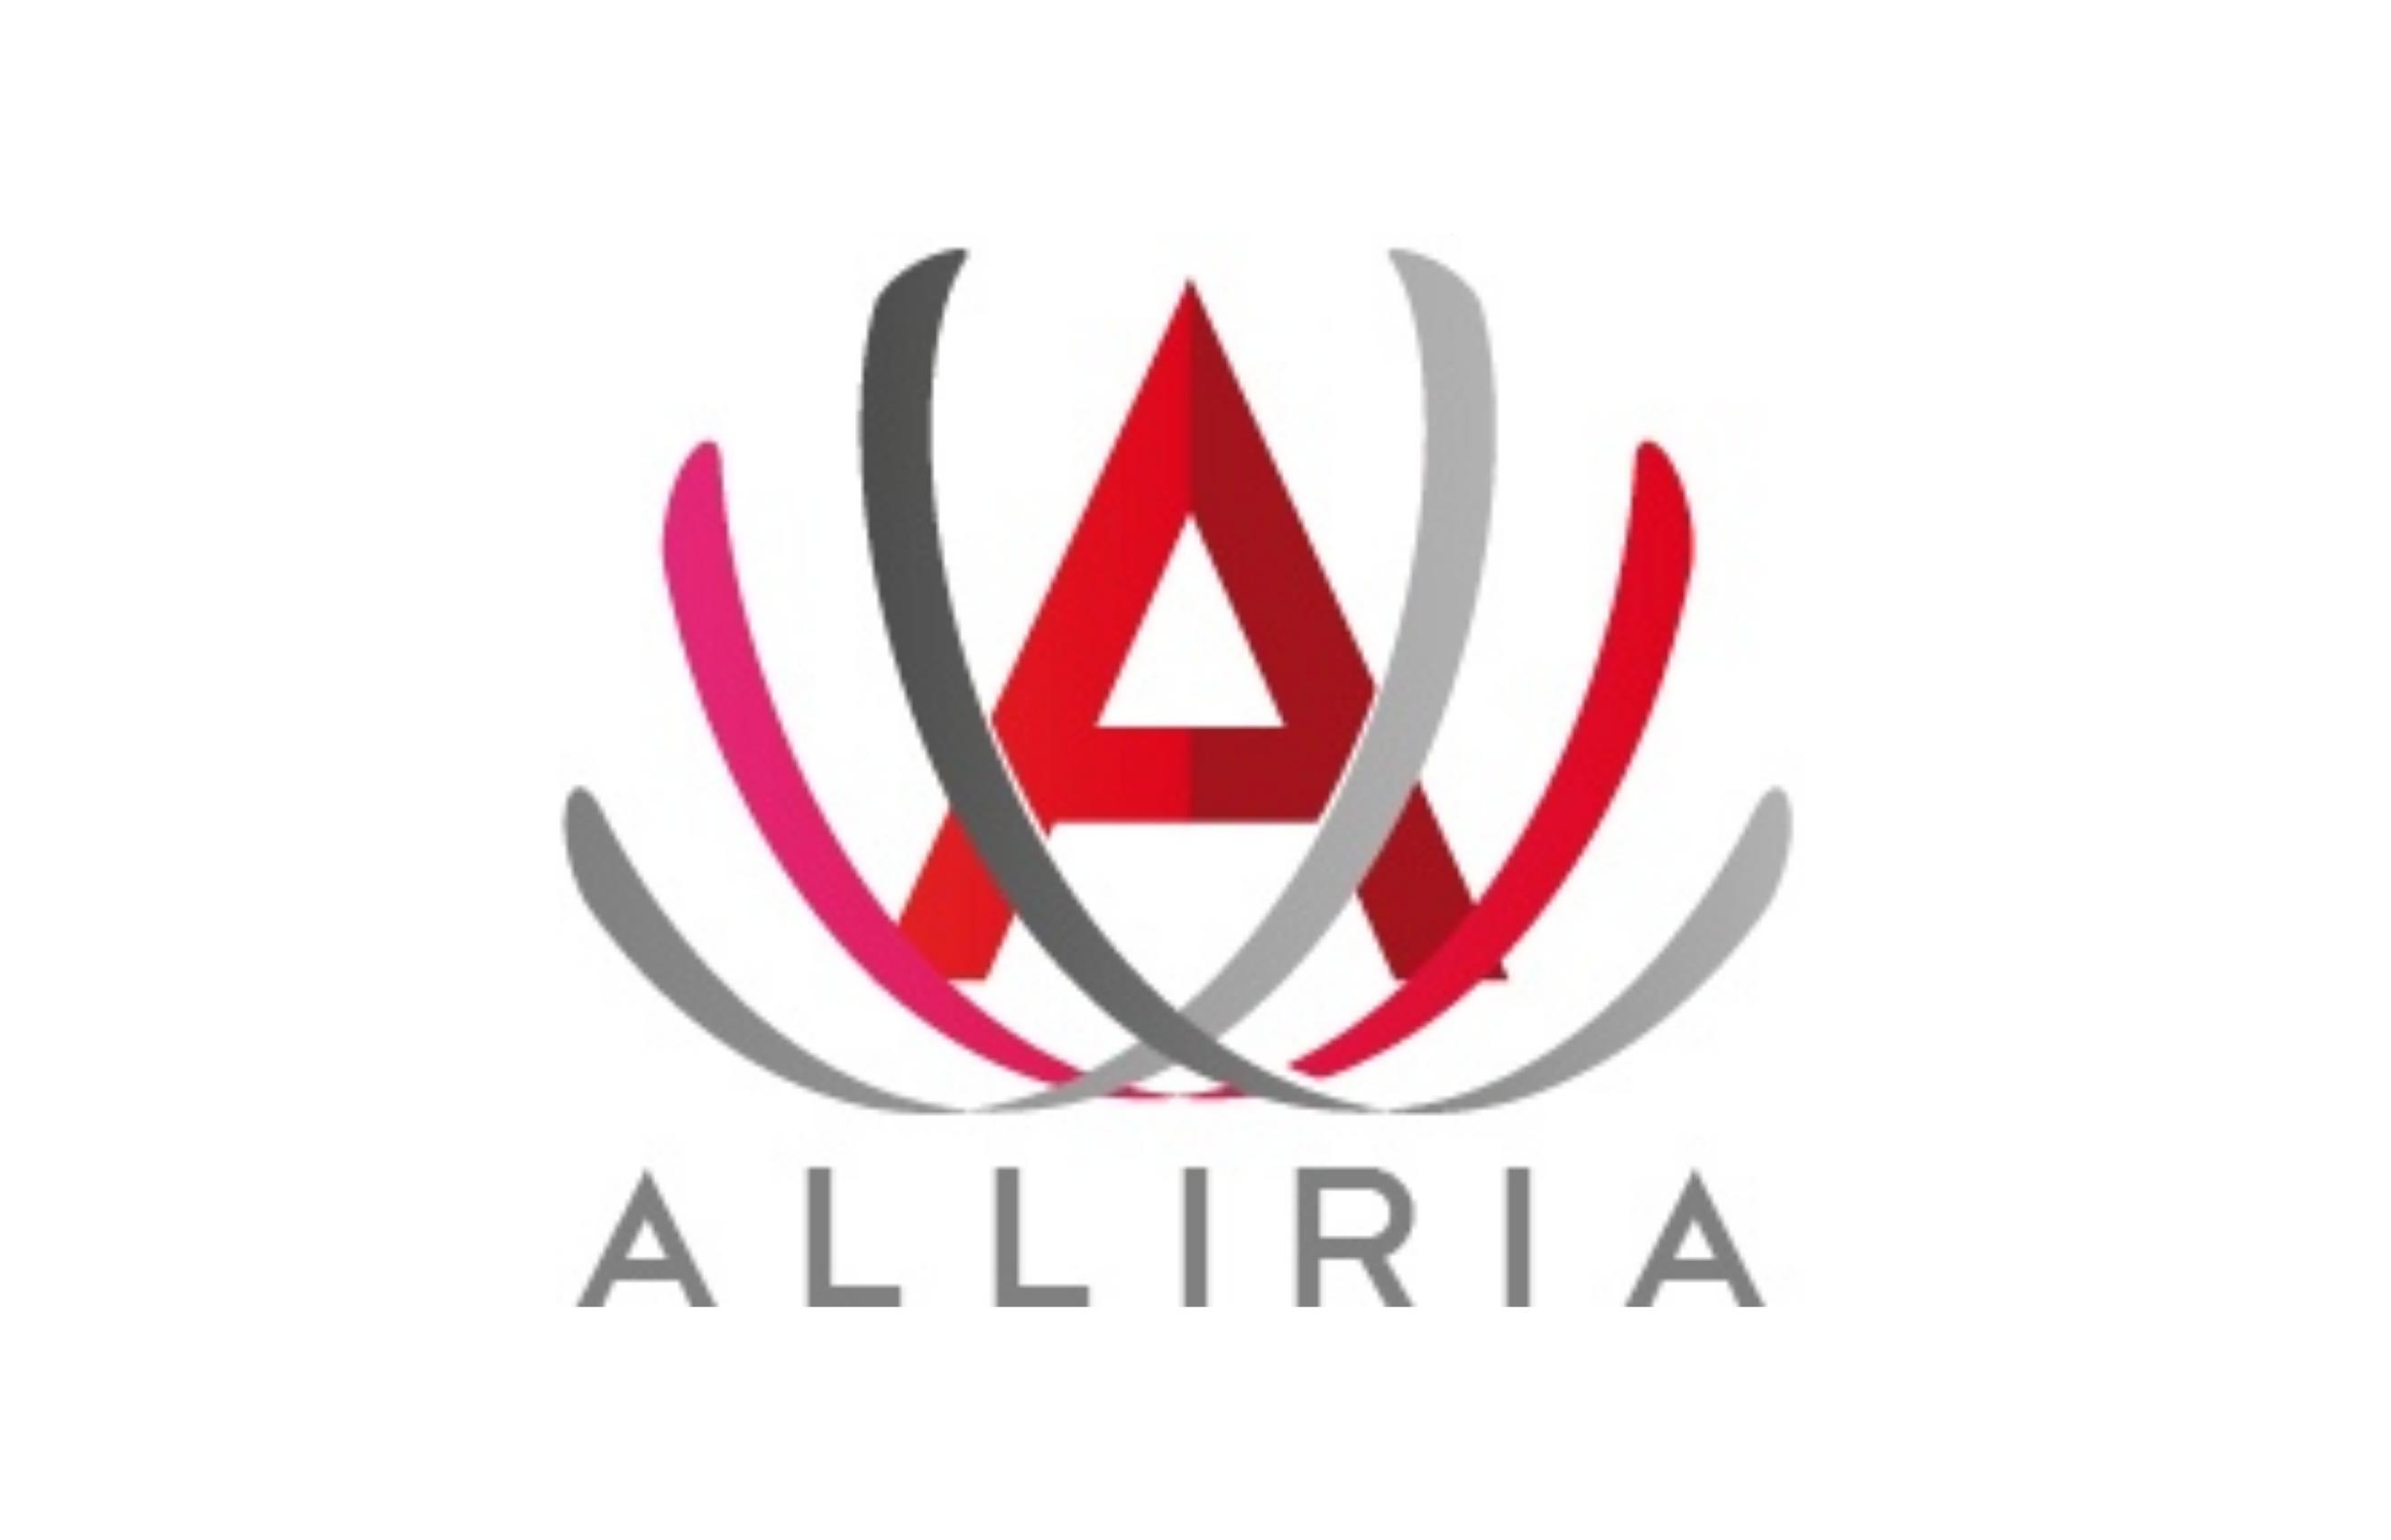 Alliria